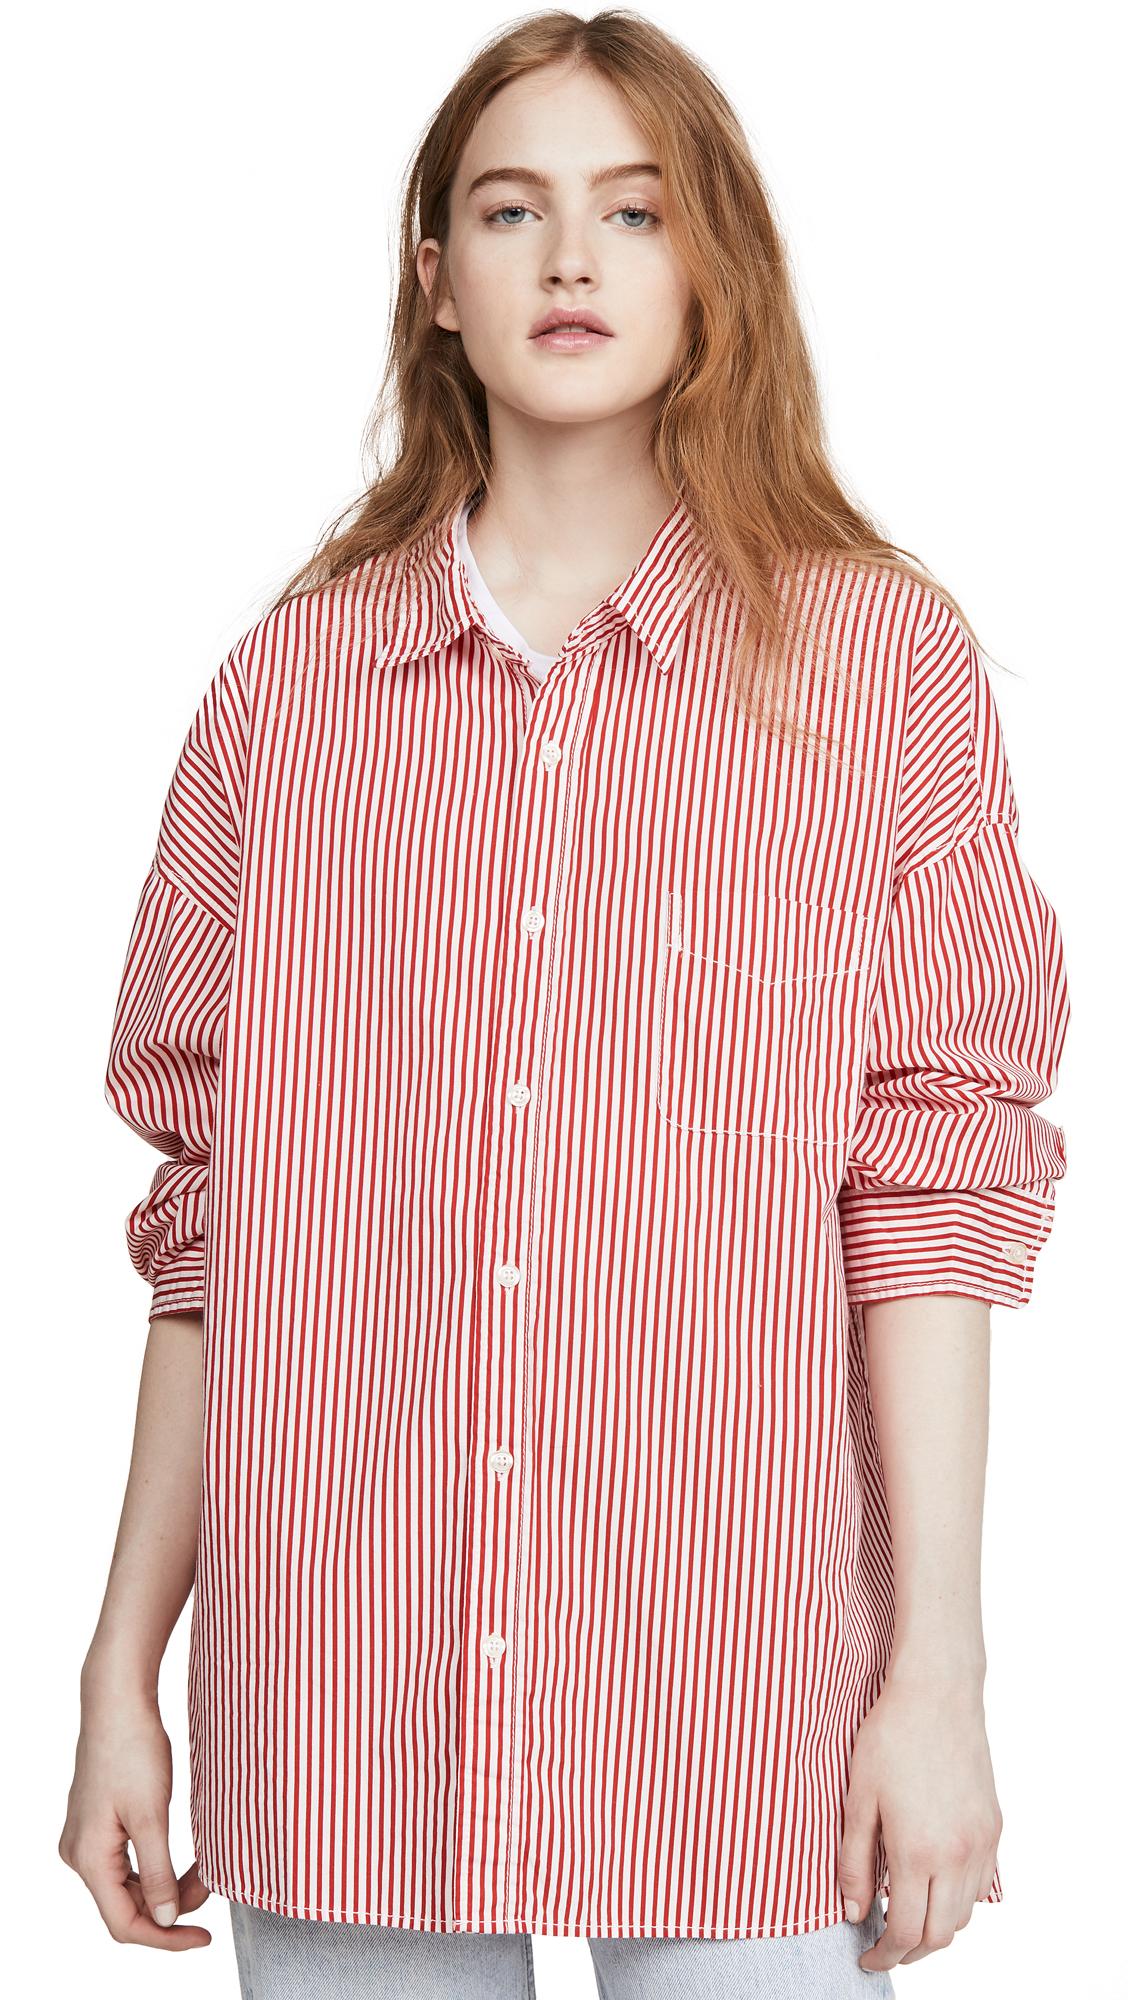 Denimist Button Front Shirt - 30% Off Sale